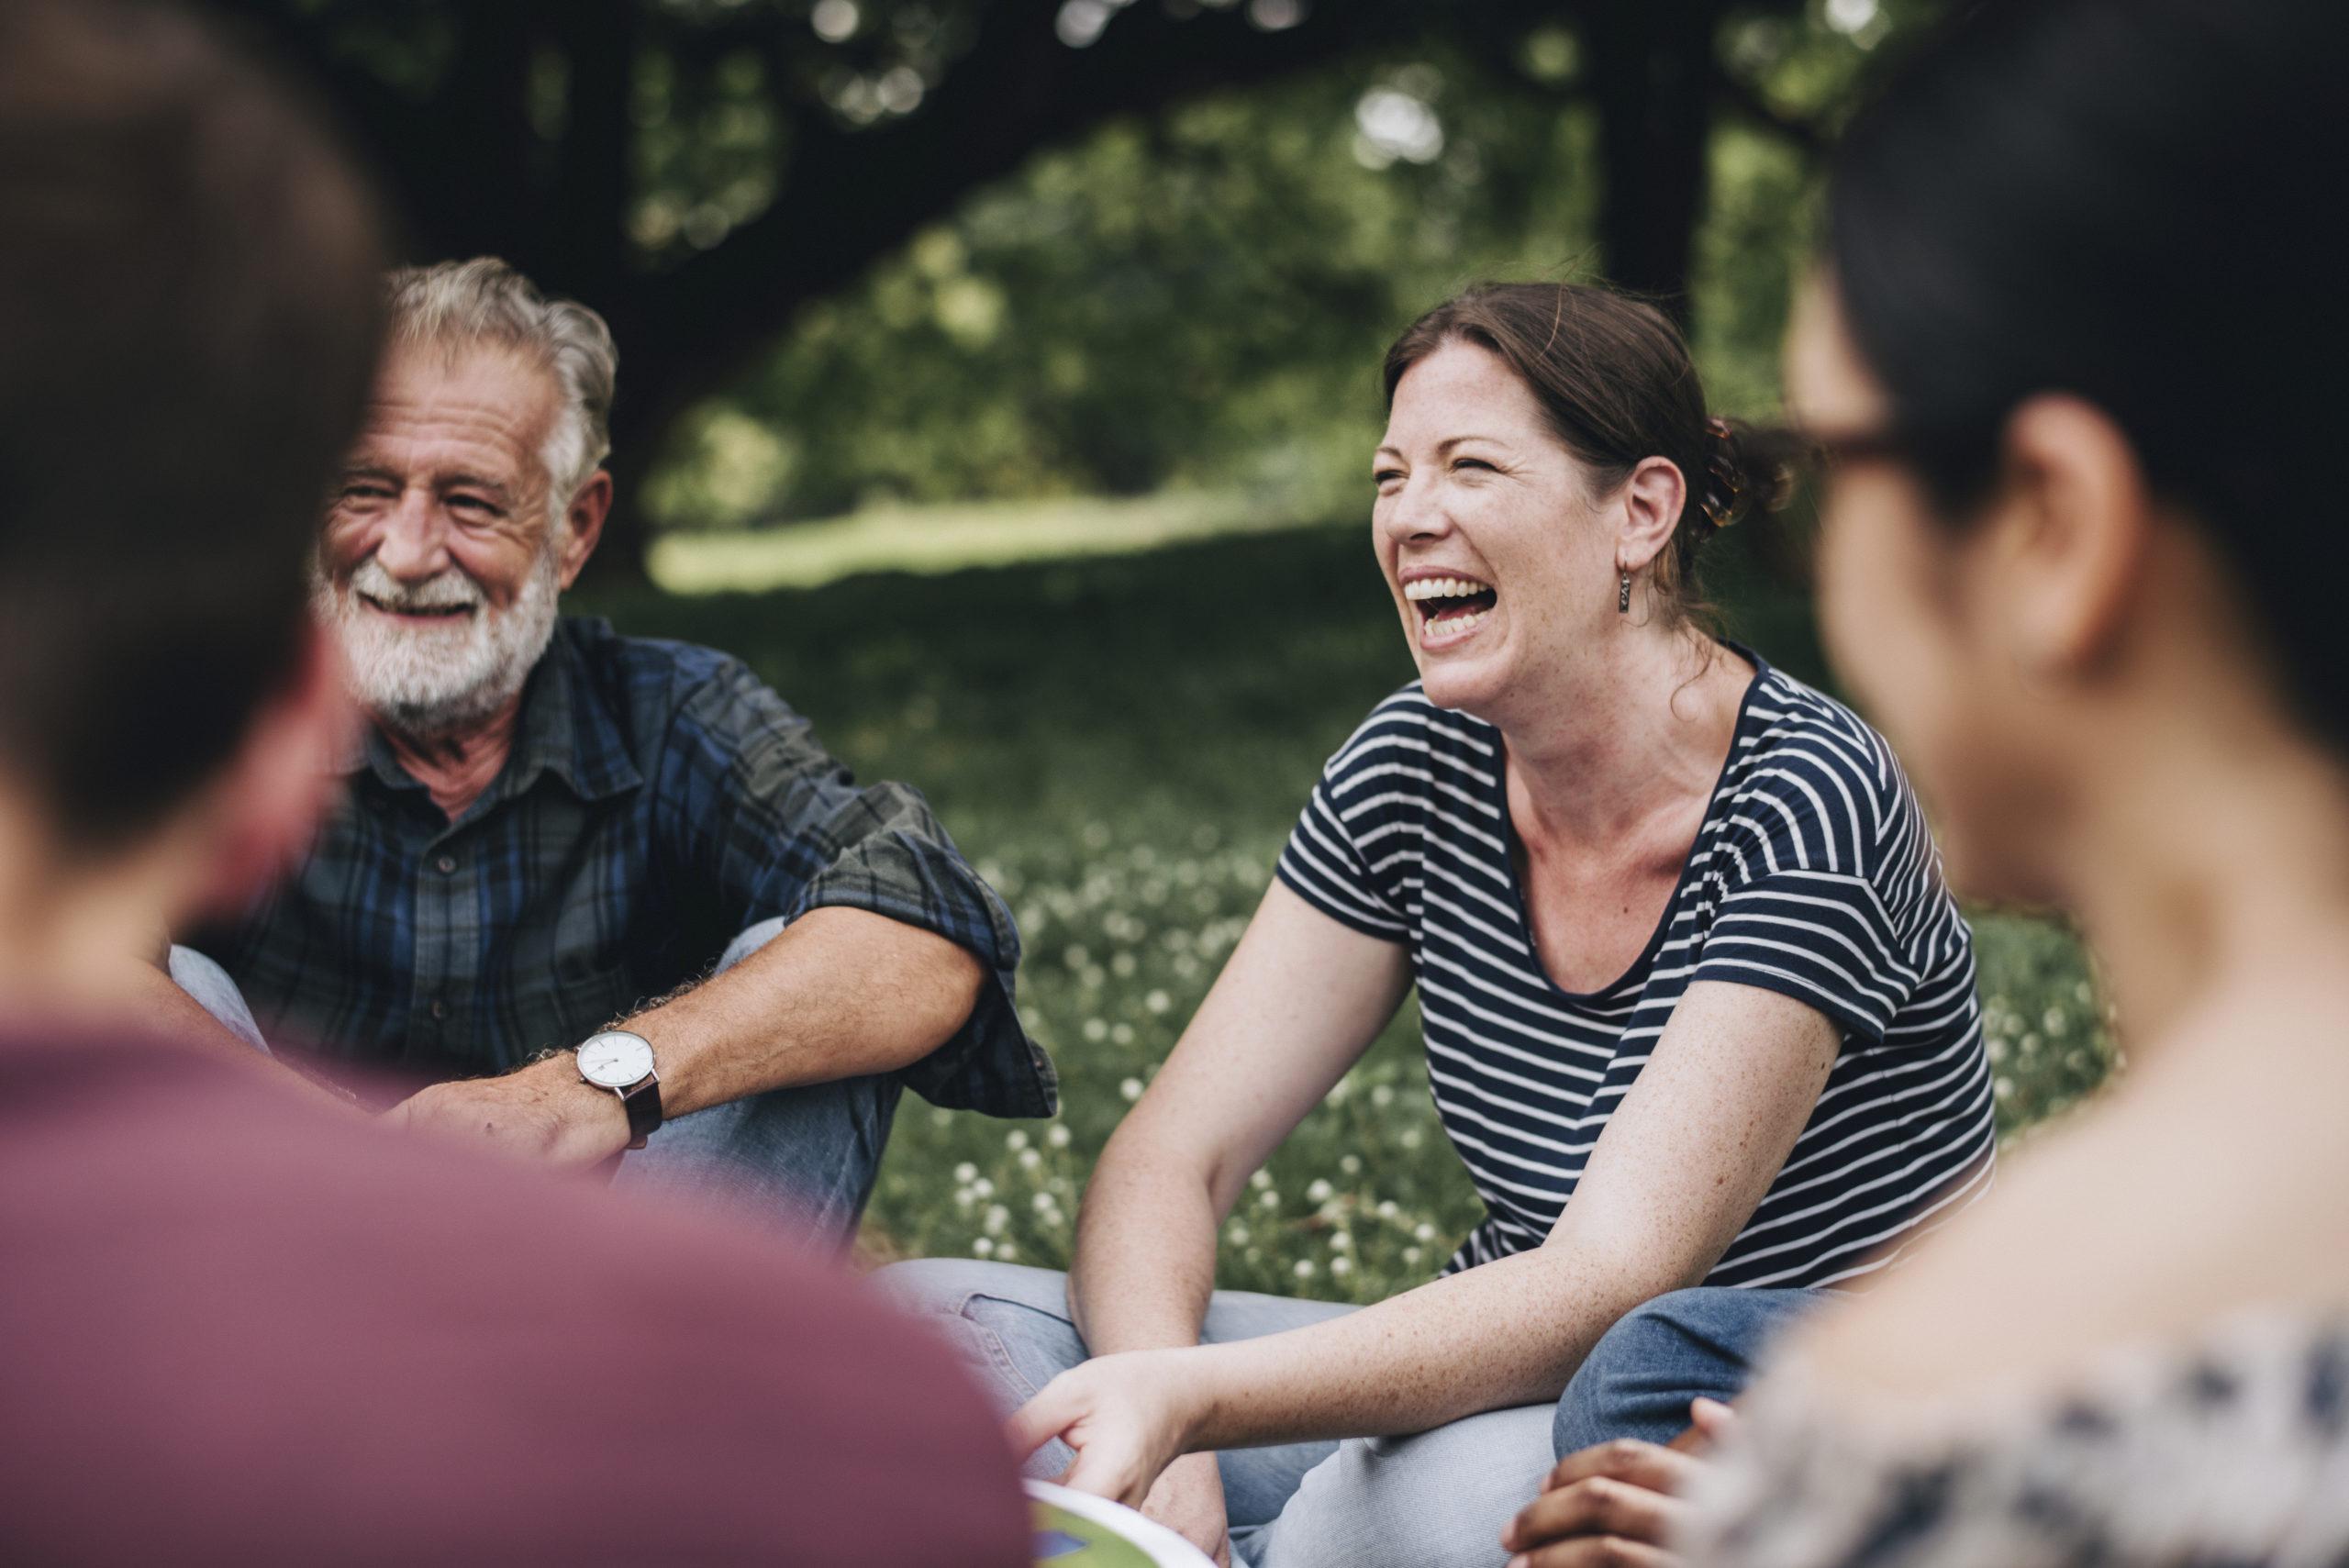 Neurofibromatose Gemeinschaft Gruppe Selbsthilfe Anschluss Freunde Hilfe